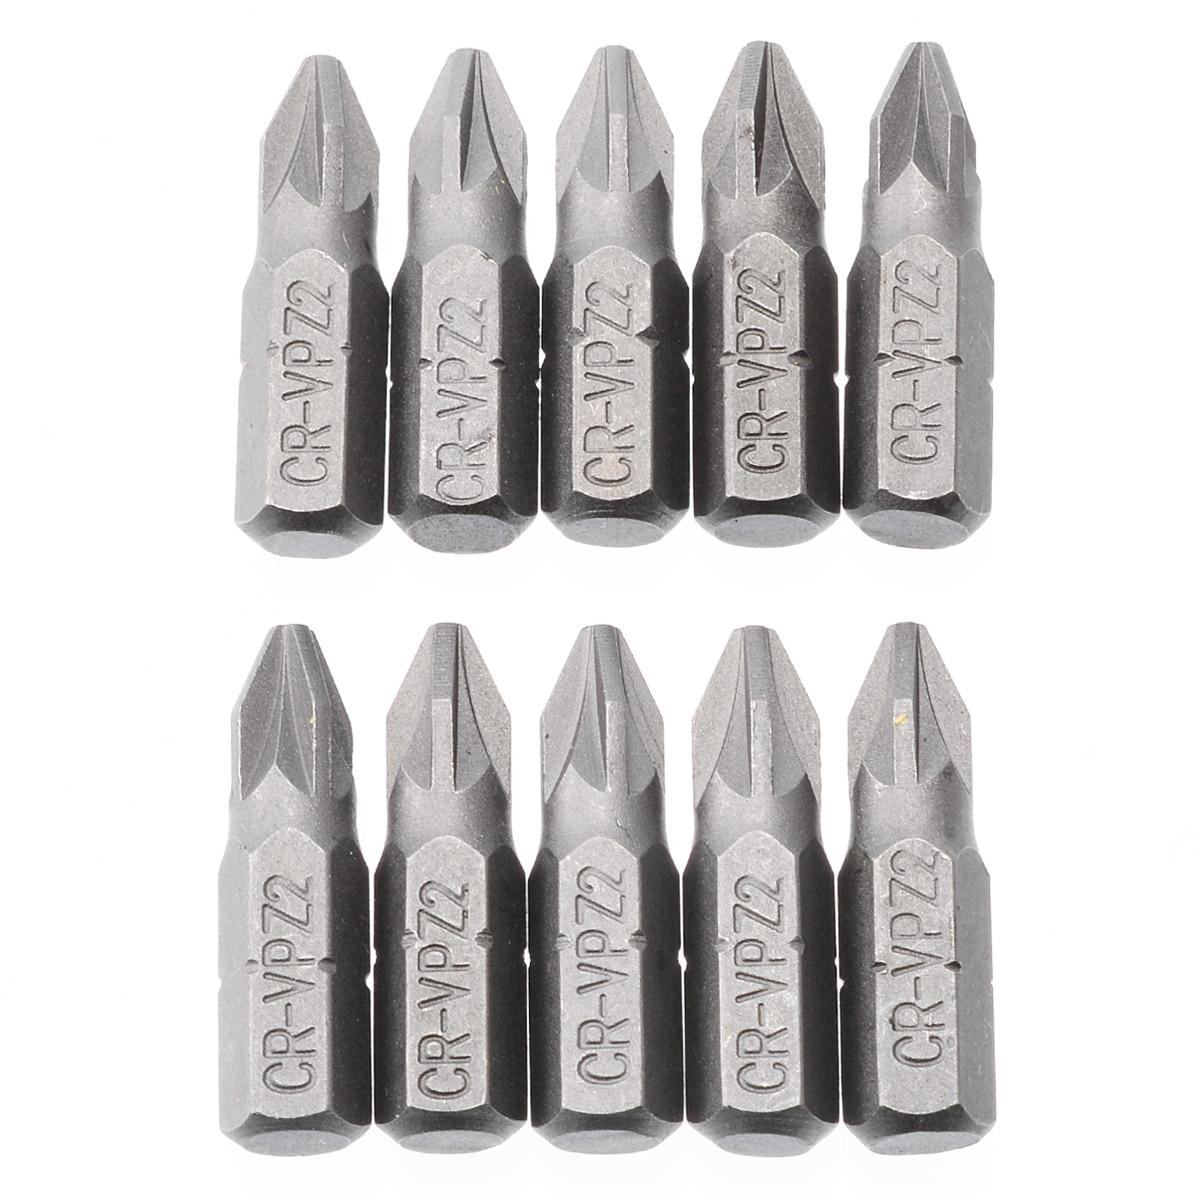 10 Uds Pozi 2 PZ2 puntas de destornillador hexagonal plata conducir destornillador de 25mm para Accesorios de herramientas eléctricas